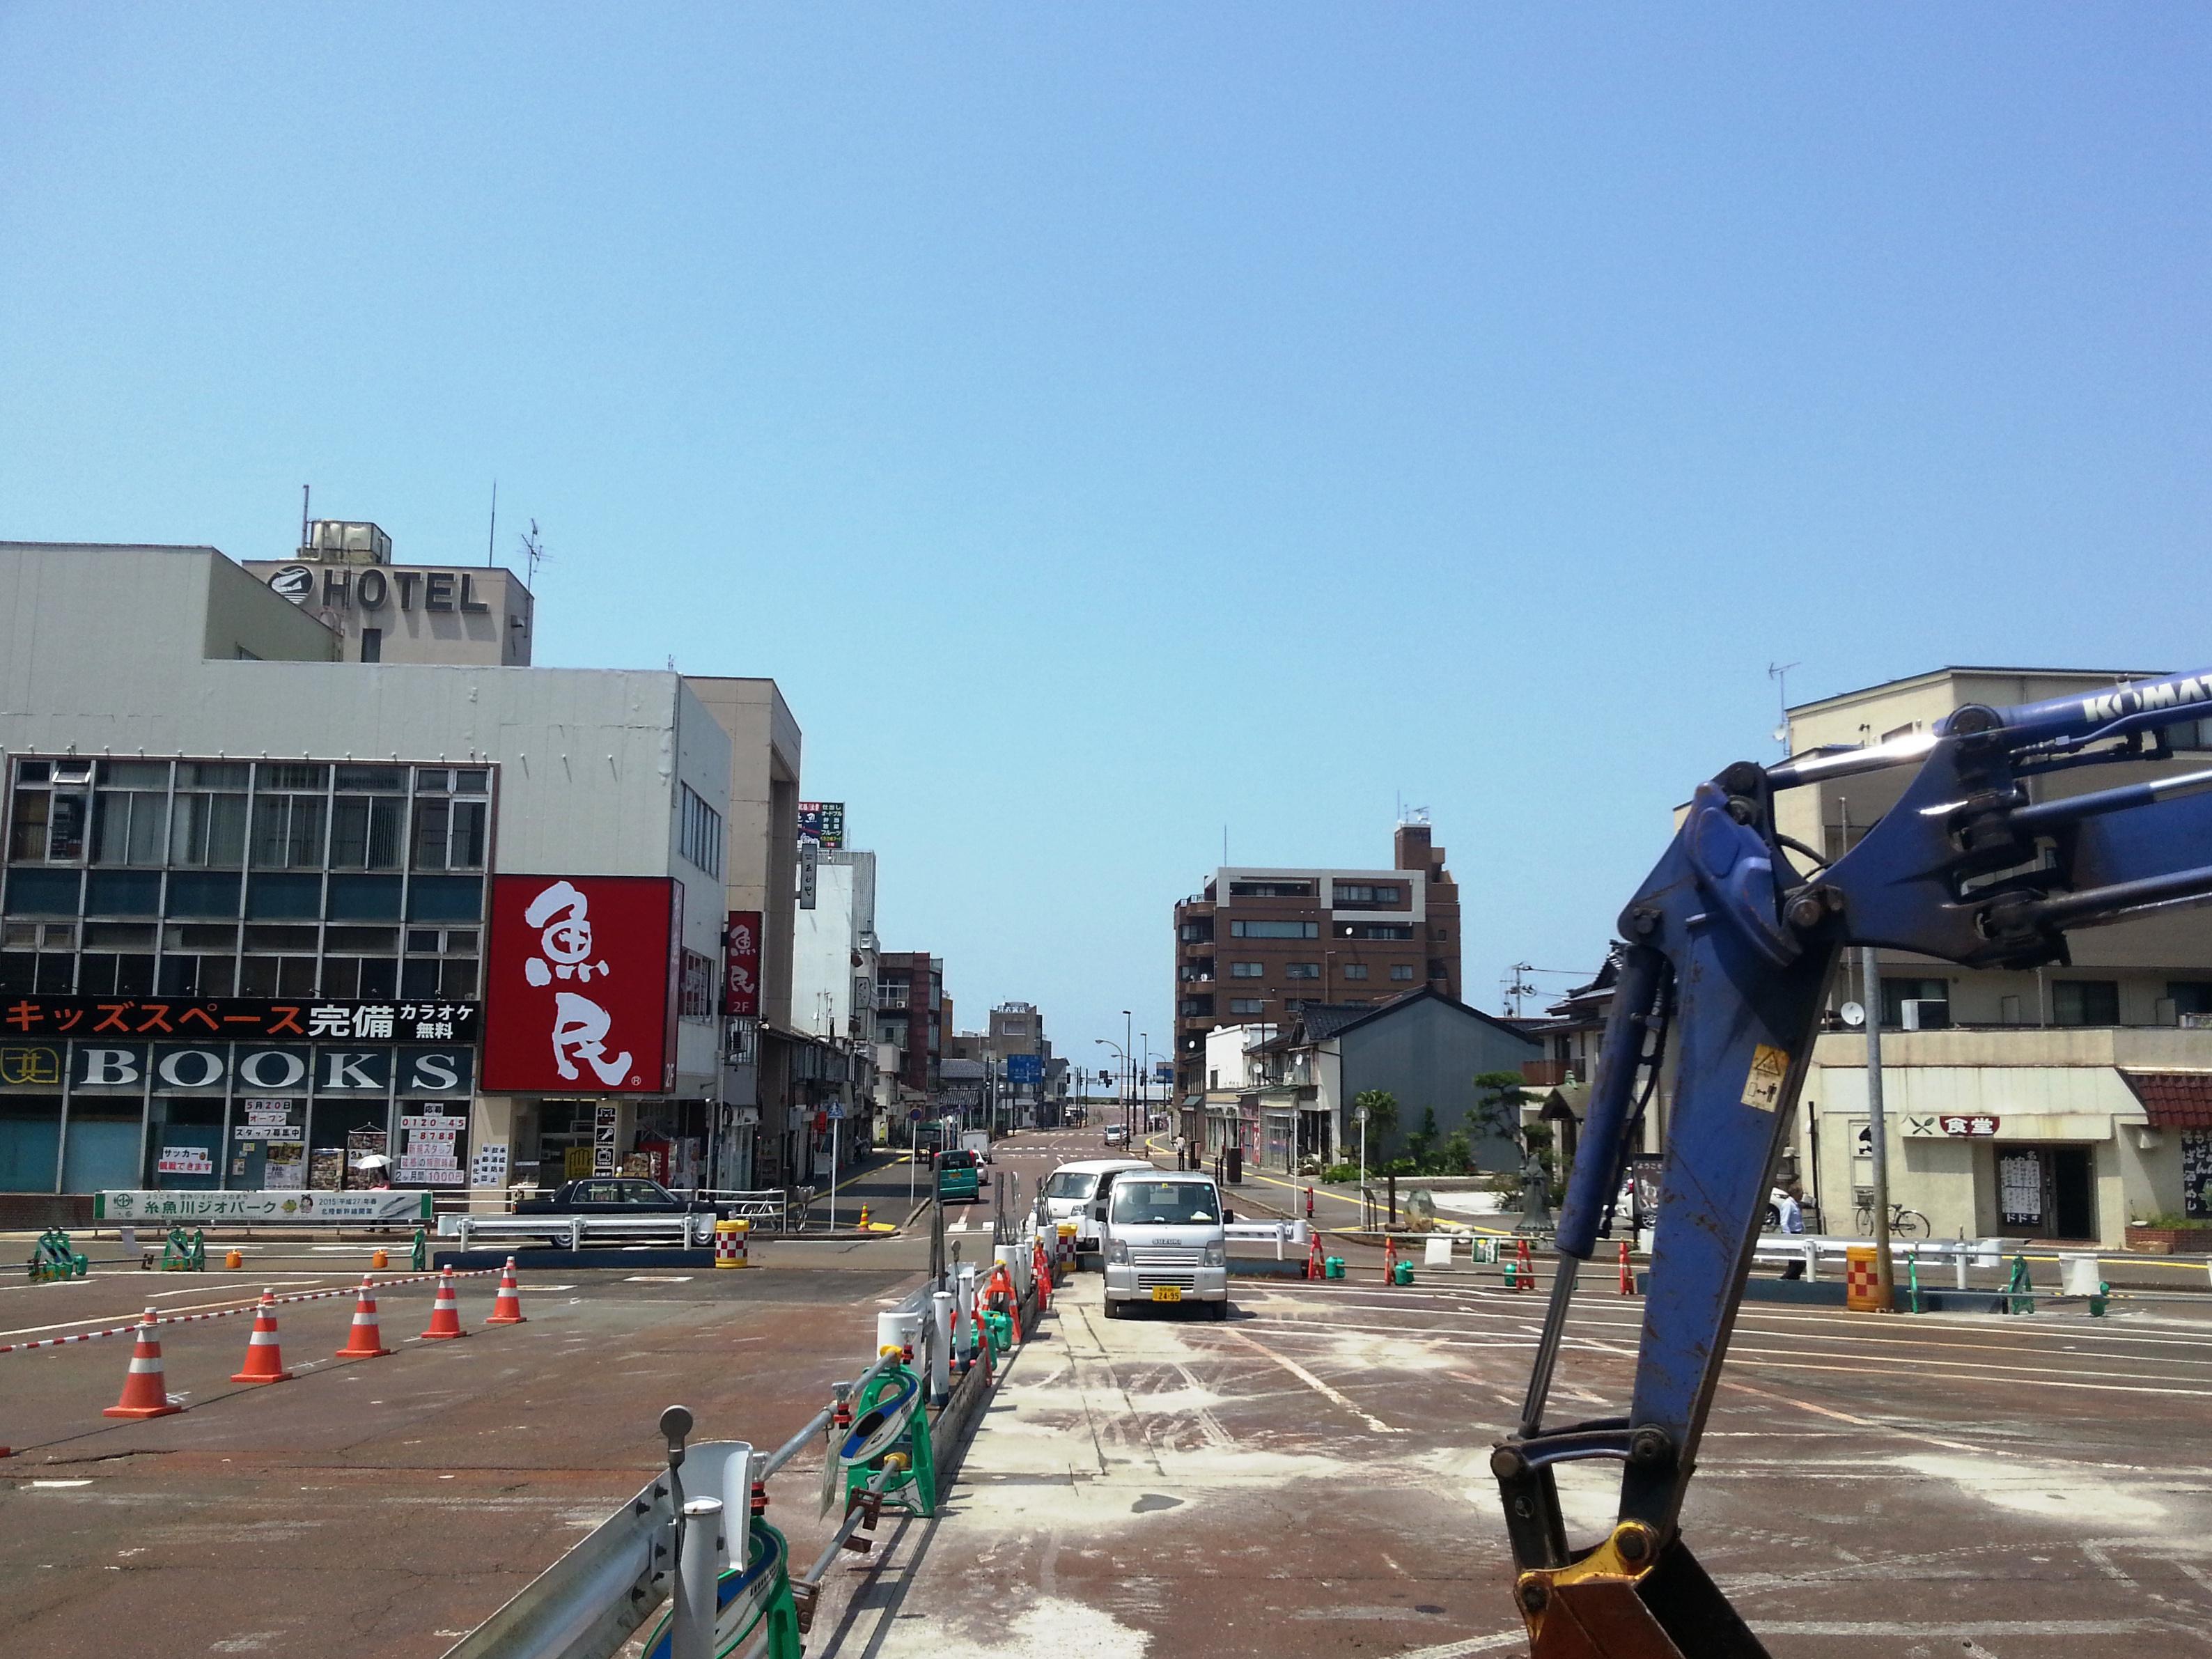 View of Downtown Itoigawa from Itoigawa Station.